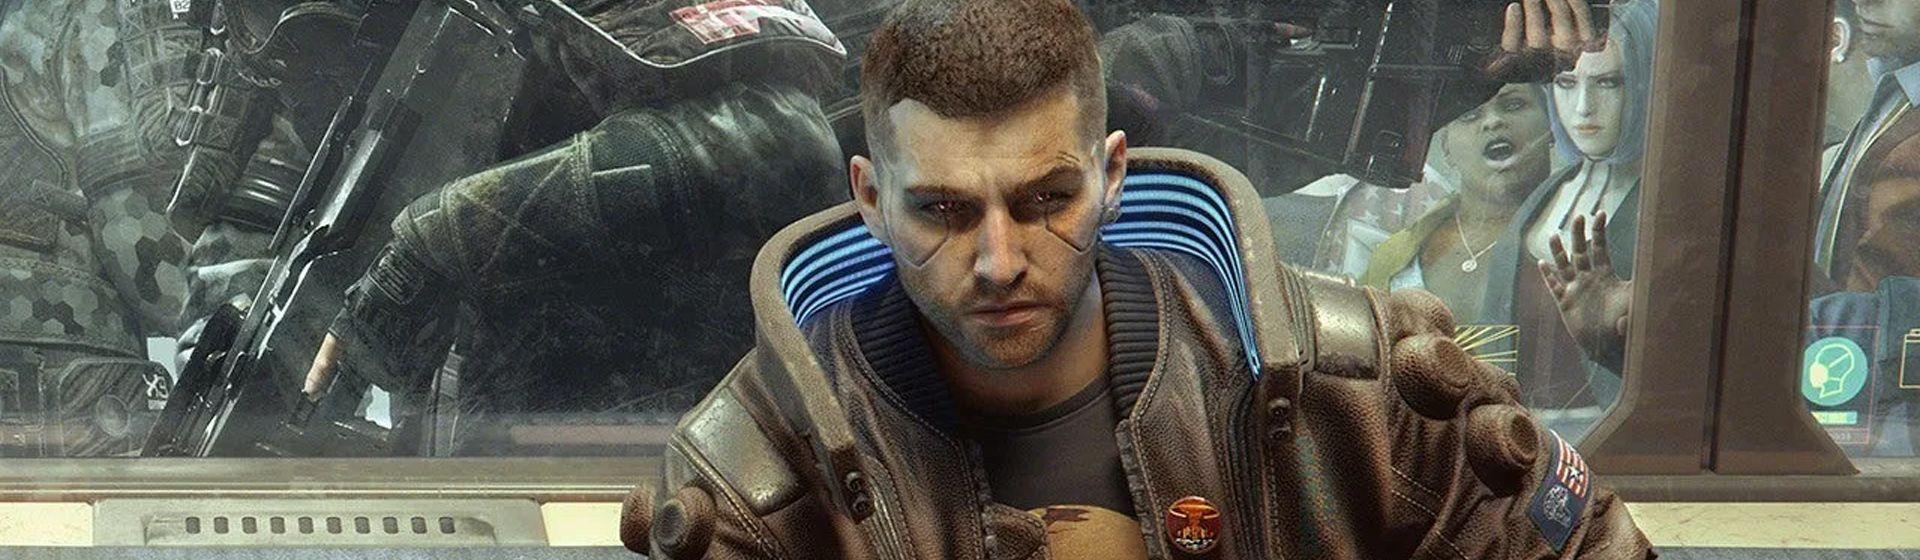 Microsoft estende reembolso de Cyberpunk 2077 no Xbox